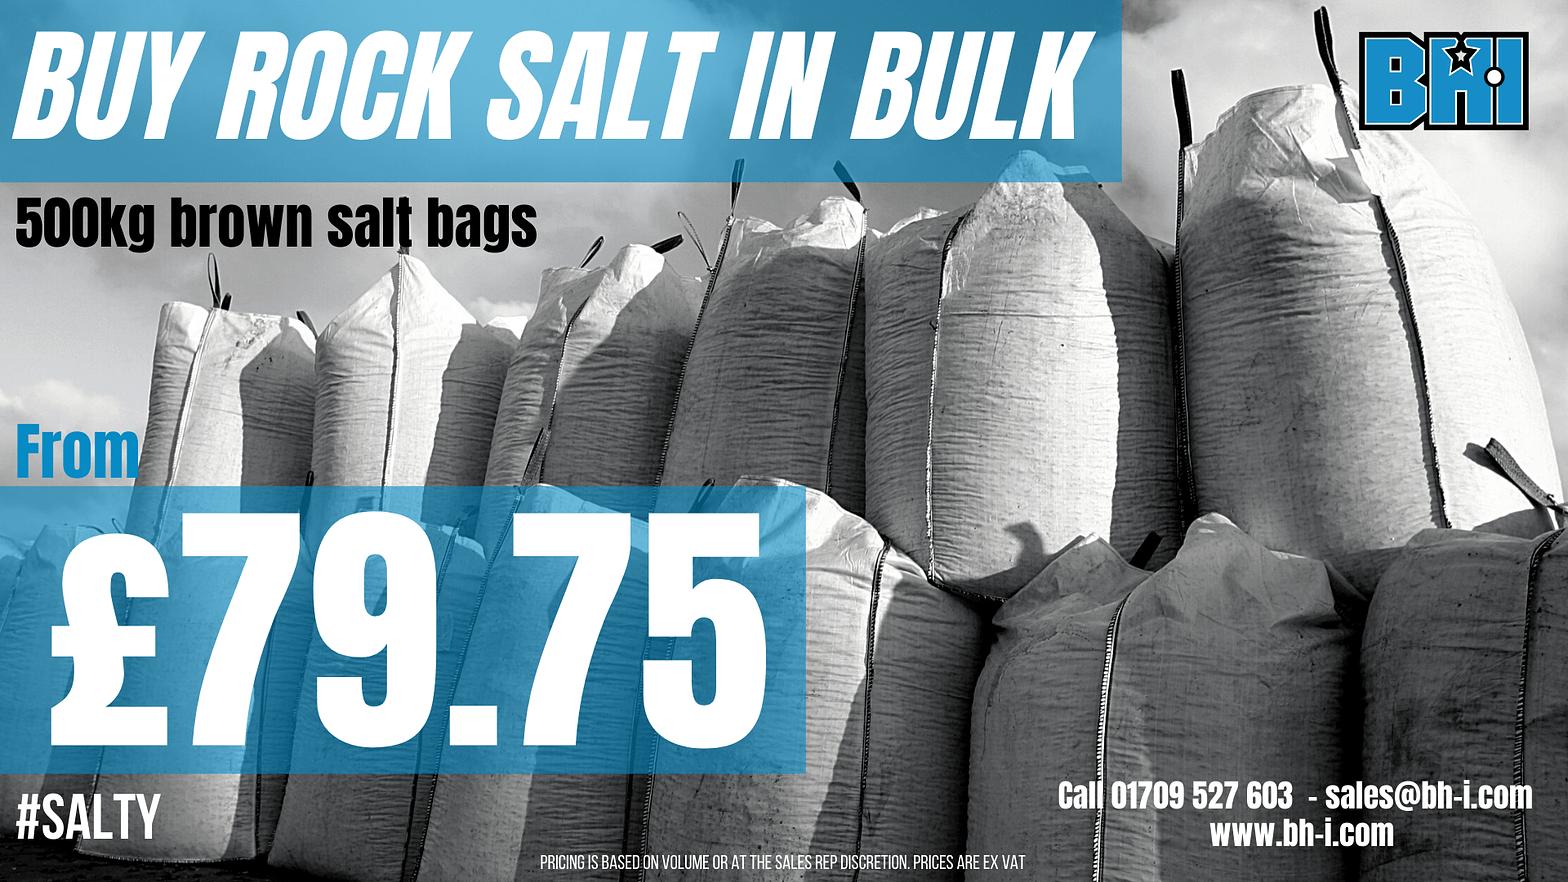 BHI rock Salt bulk offer 500kg